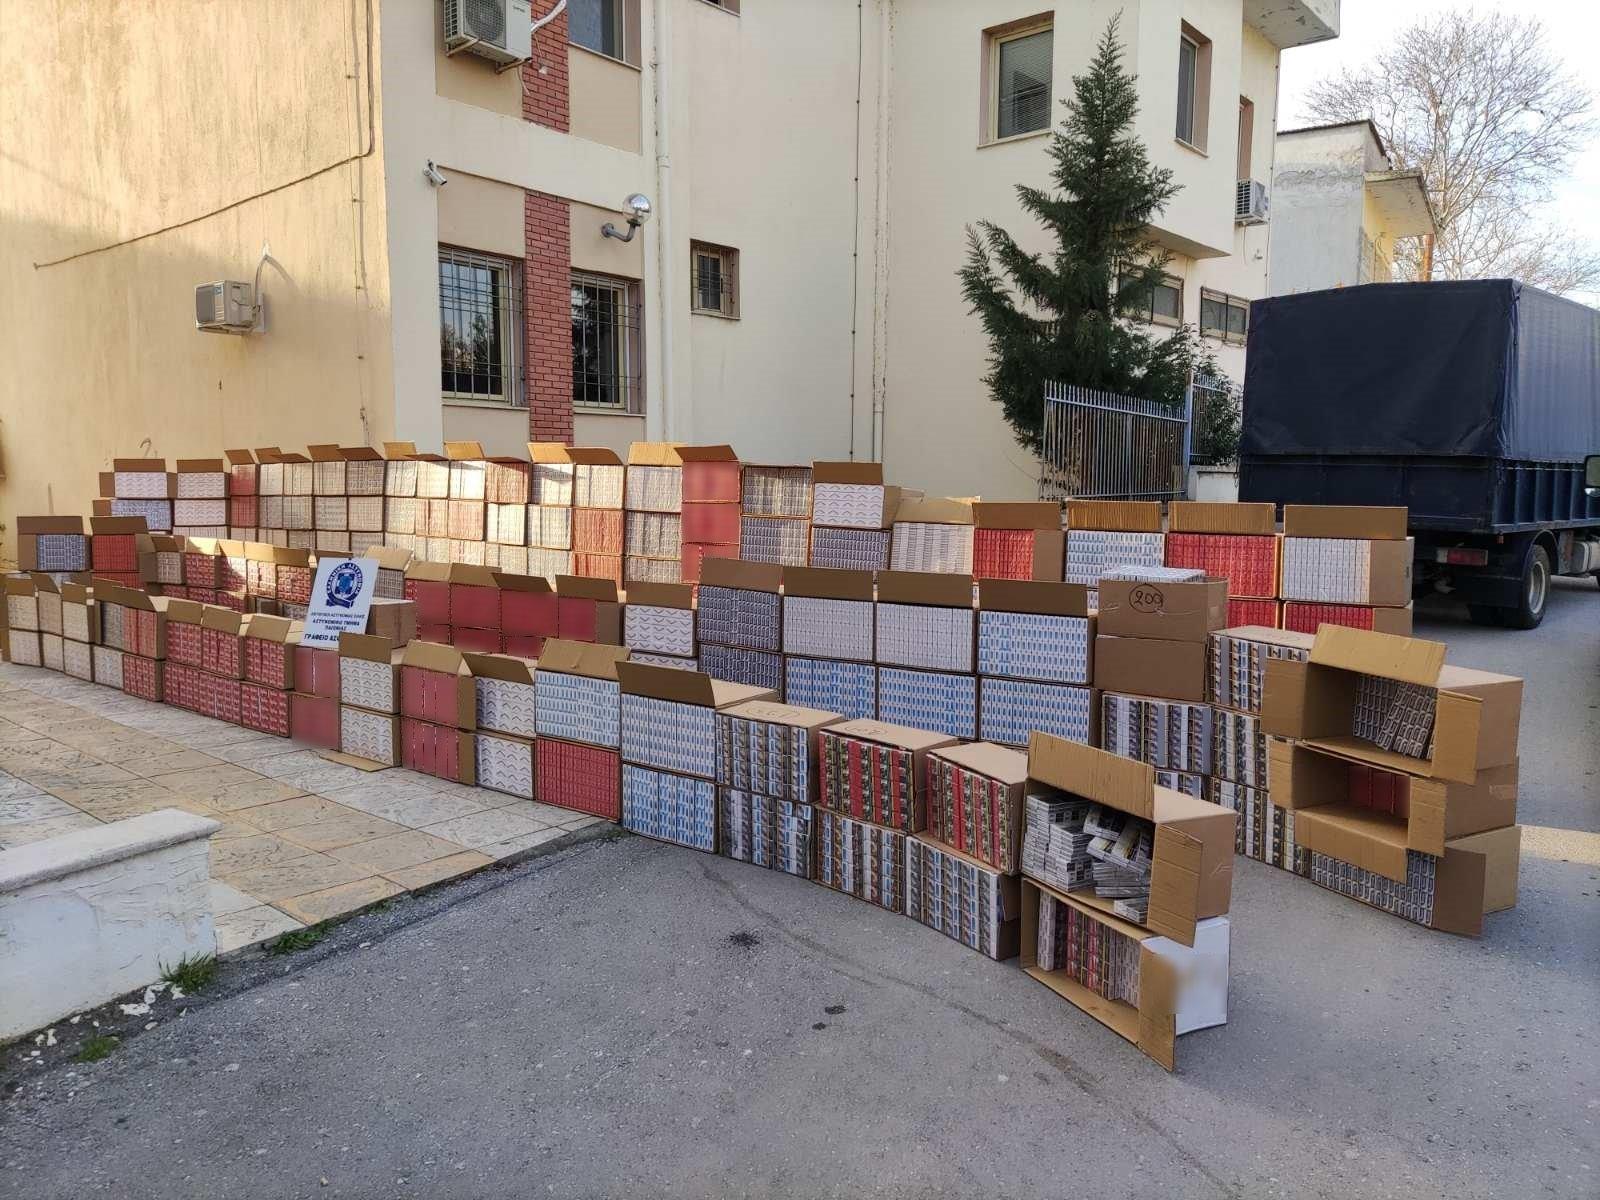 Θεσσαλονίκη: «Τείχος» από λαθραία τσιγάρα – Η εικόνα της ημέρας και τα στοιχεία που την πλαισιώνουν (pics)